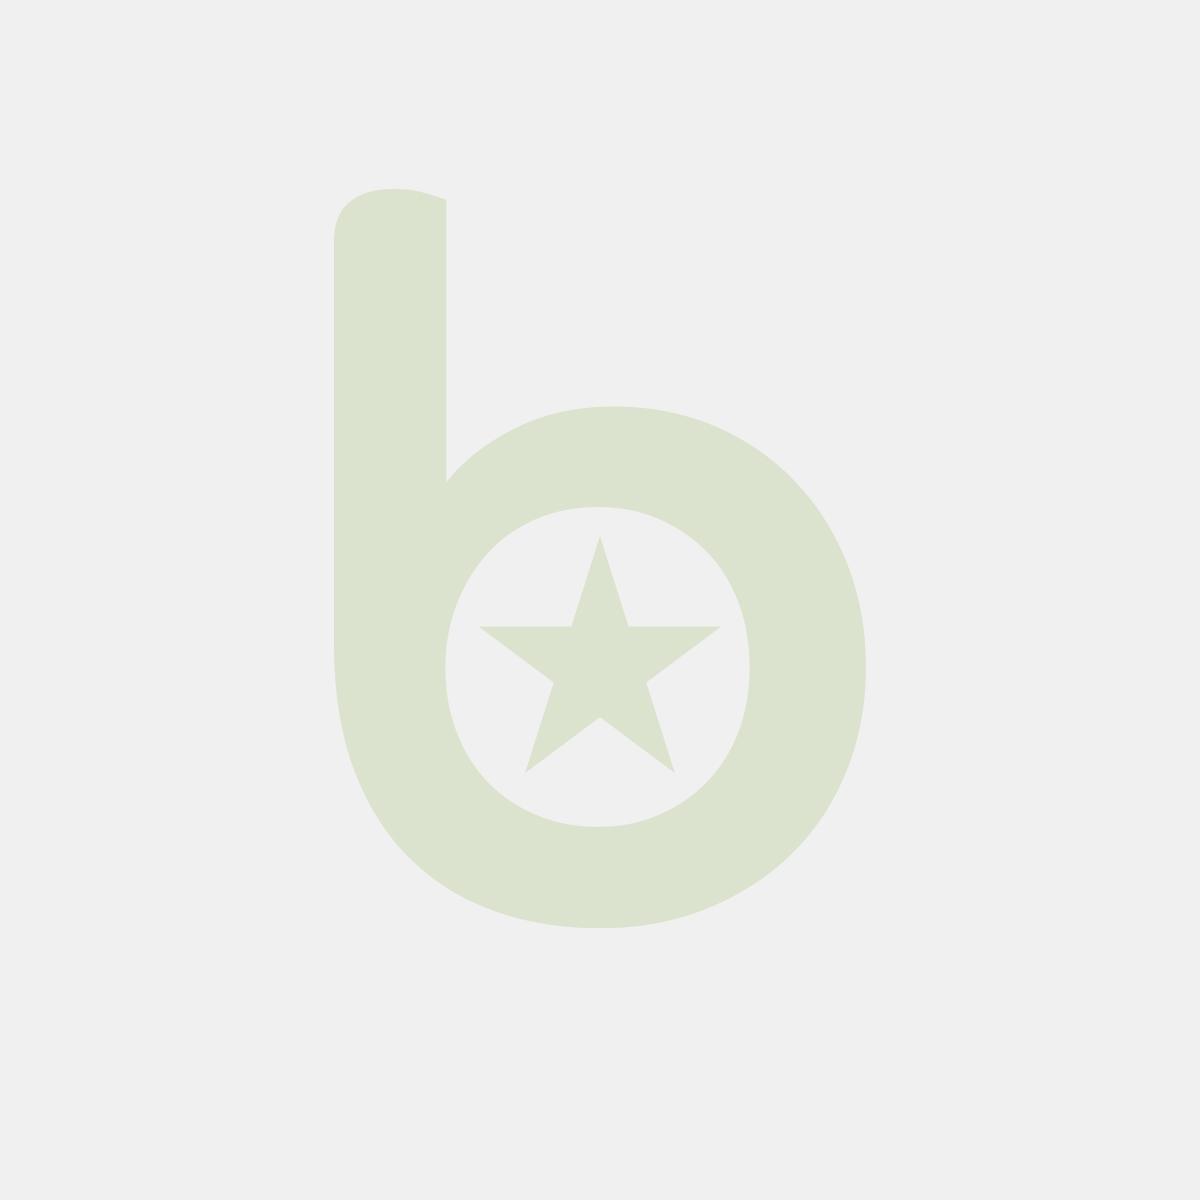 Miarka polipropylenowa z podziałką poj. 0.5l - kod 567104